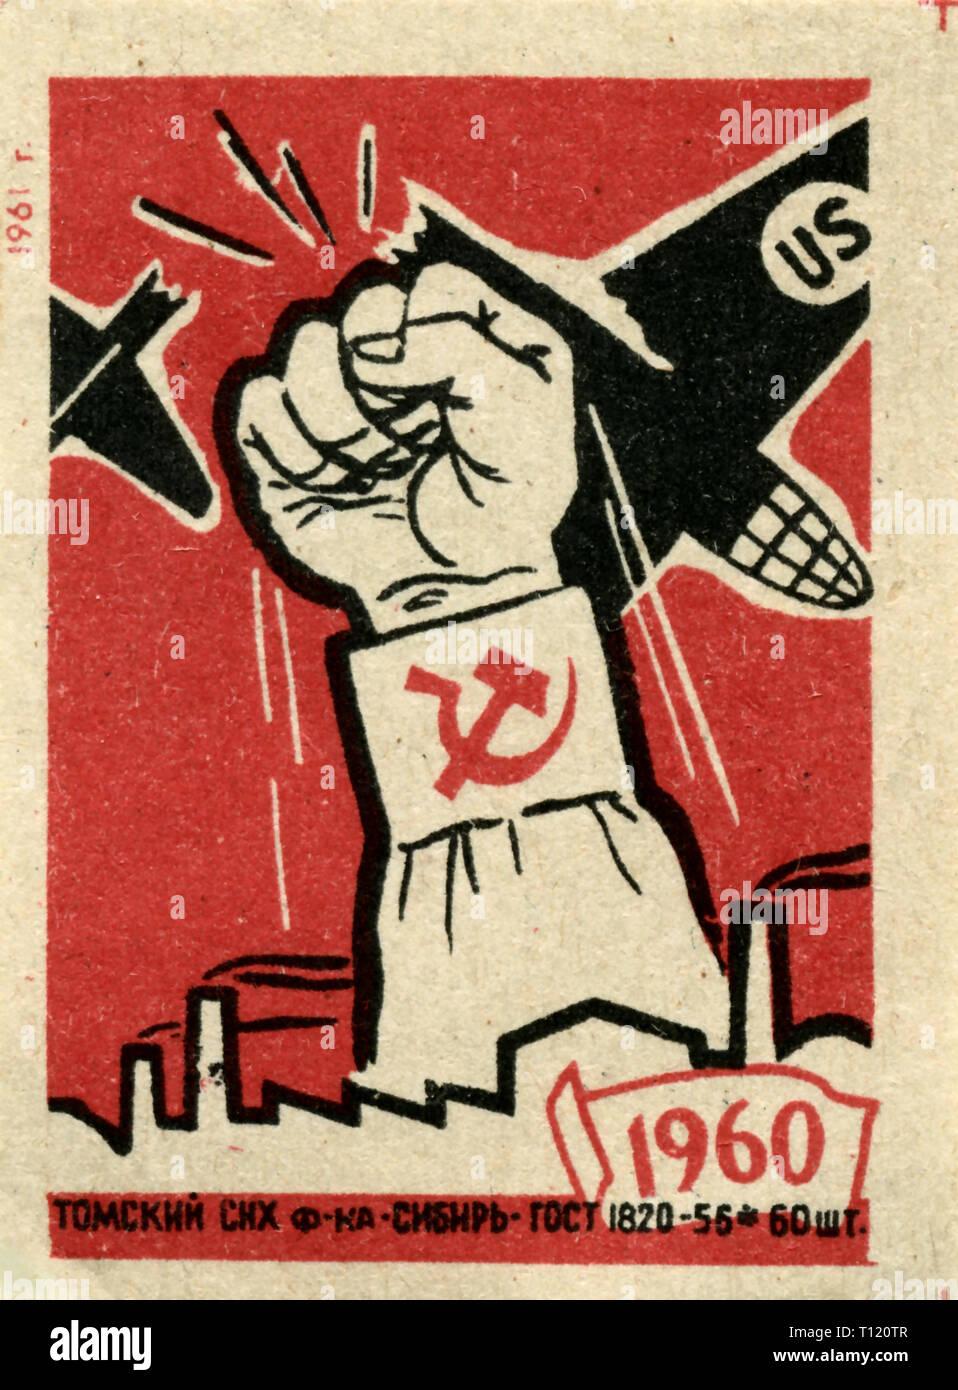 Russie - 1961: Union Soviétique matchbox collection graphique, guerre froide Photo Stock